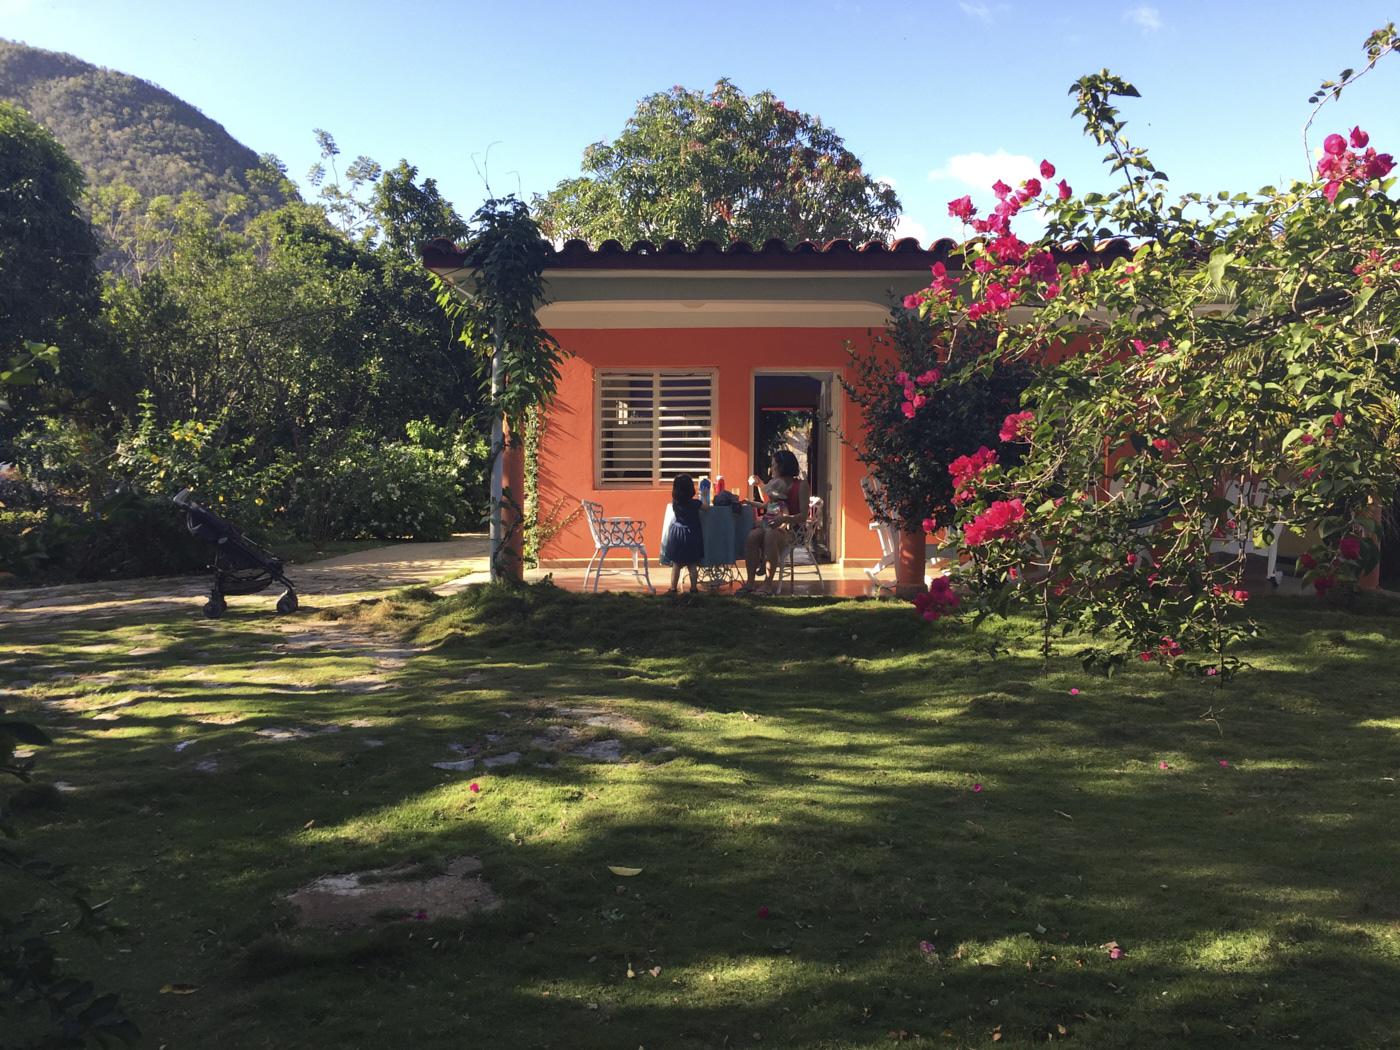 Maison orange entourée de nature à Cuba